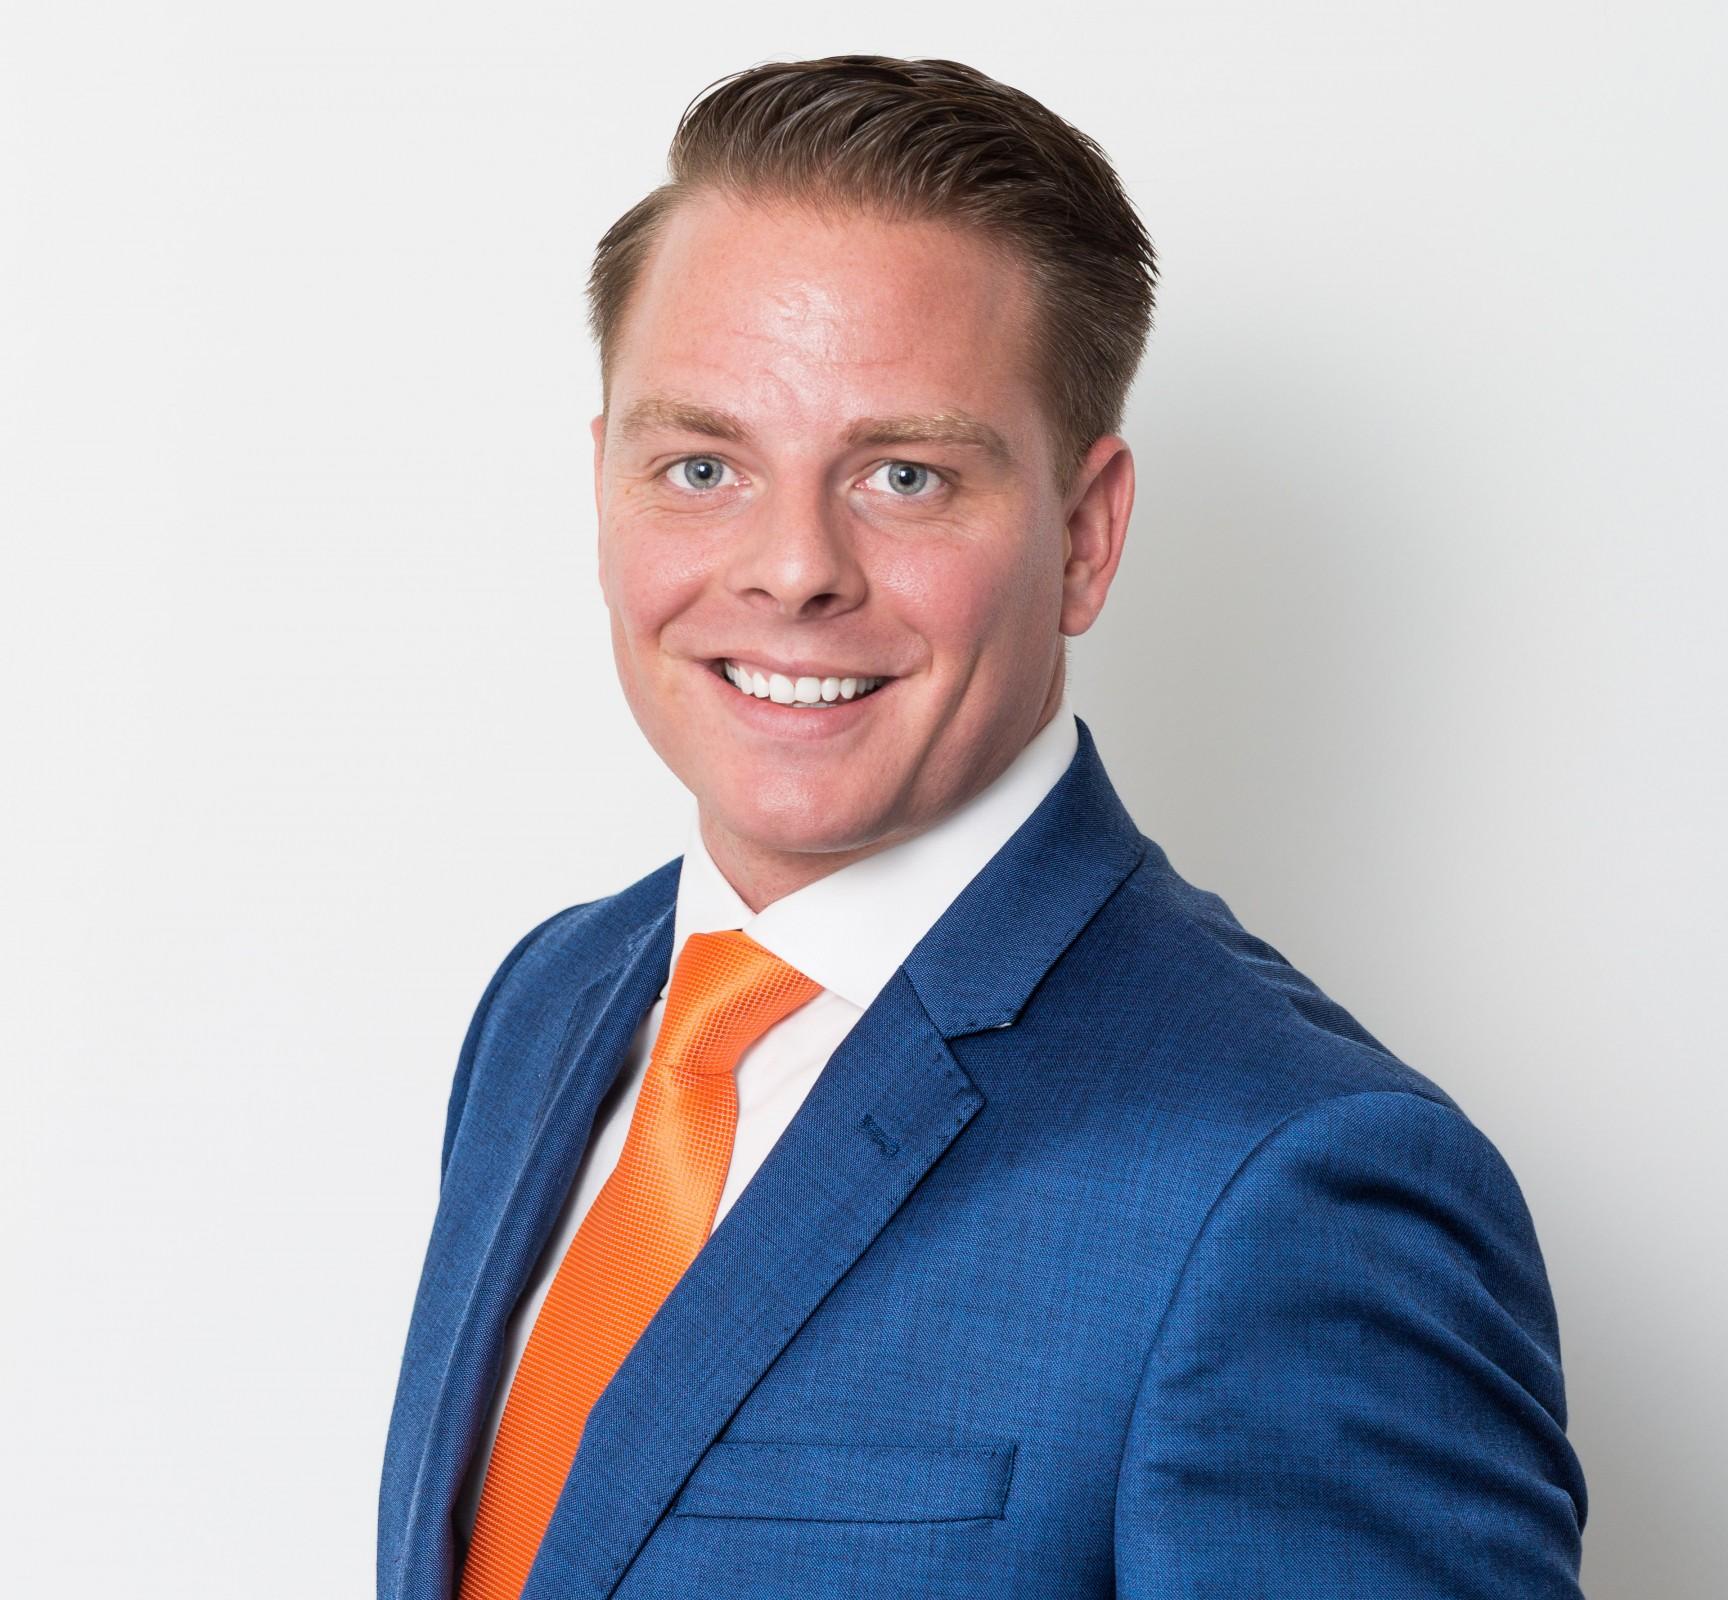 Maikel Dijkhuis Eigenaar Solide Intermediair 036-8413791 06-29362524 m.dijkhuis@solideintermediair.nl Solide Intermediair is een arbeidsbemiddelingsbureau gespecialiseerd voor elk niveau en vakgebied zowel voor flexibele als vaste banen te Almere.